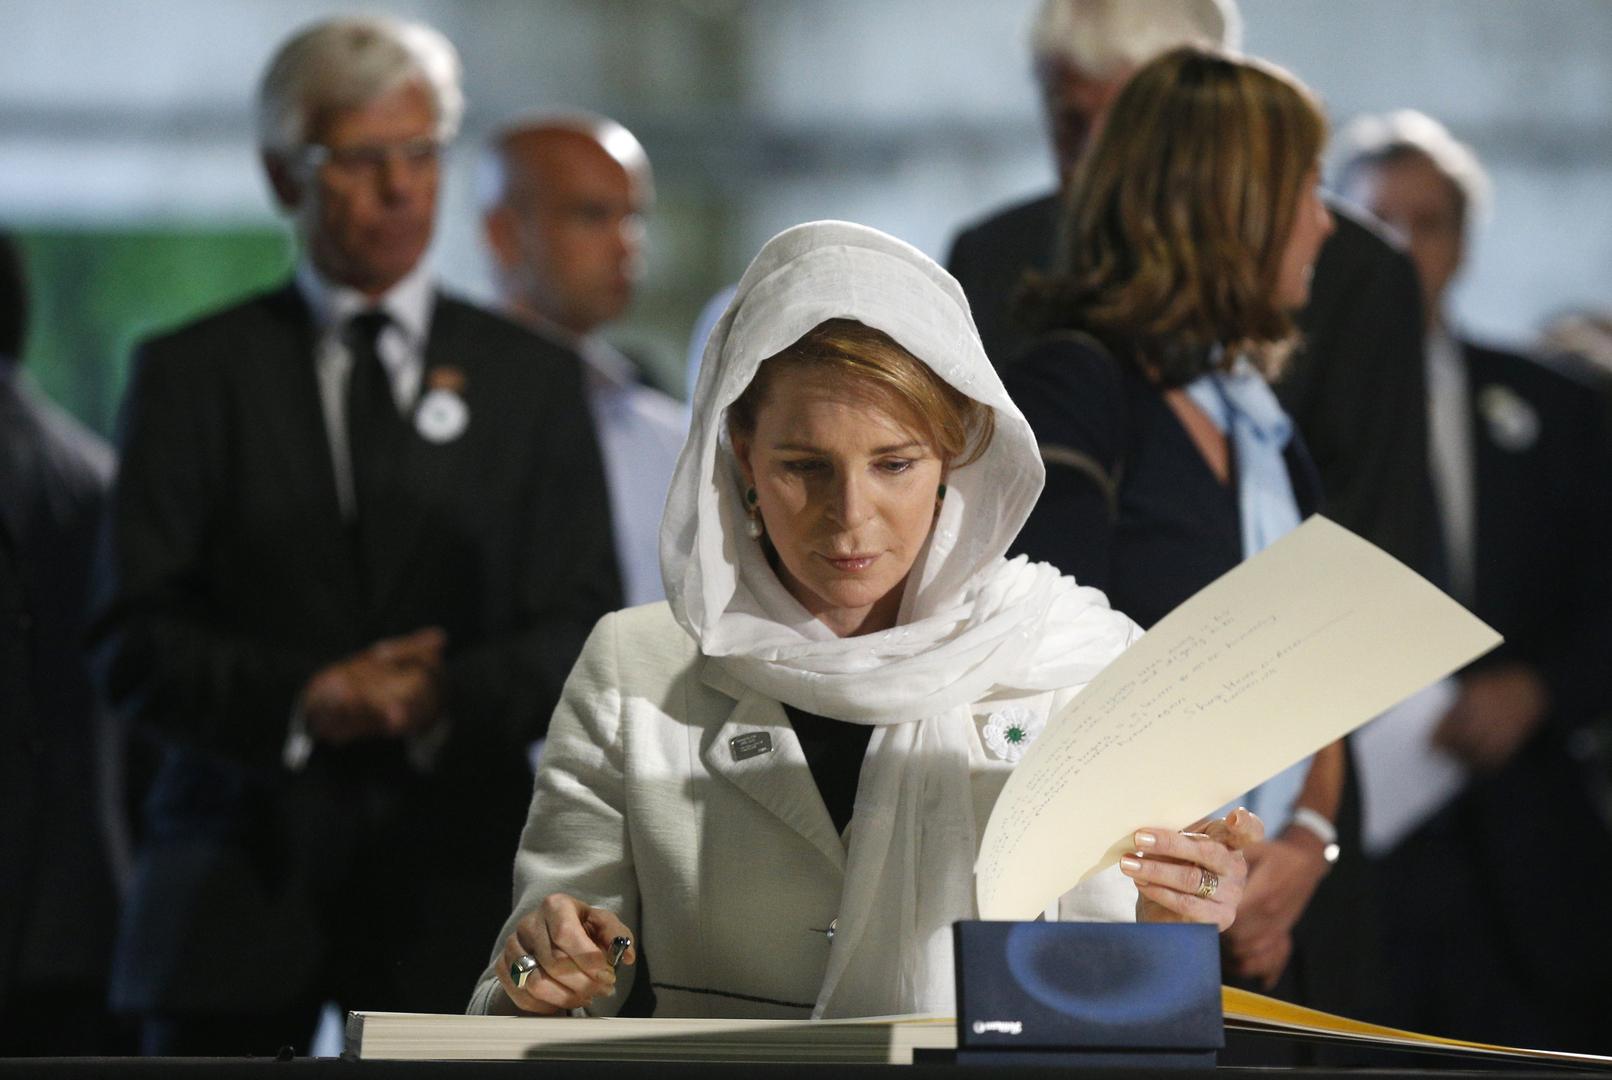 الملكة نور والدة الأمير الأردني حمزة بن الحسين تطالب بـ